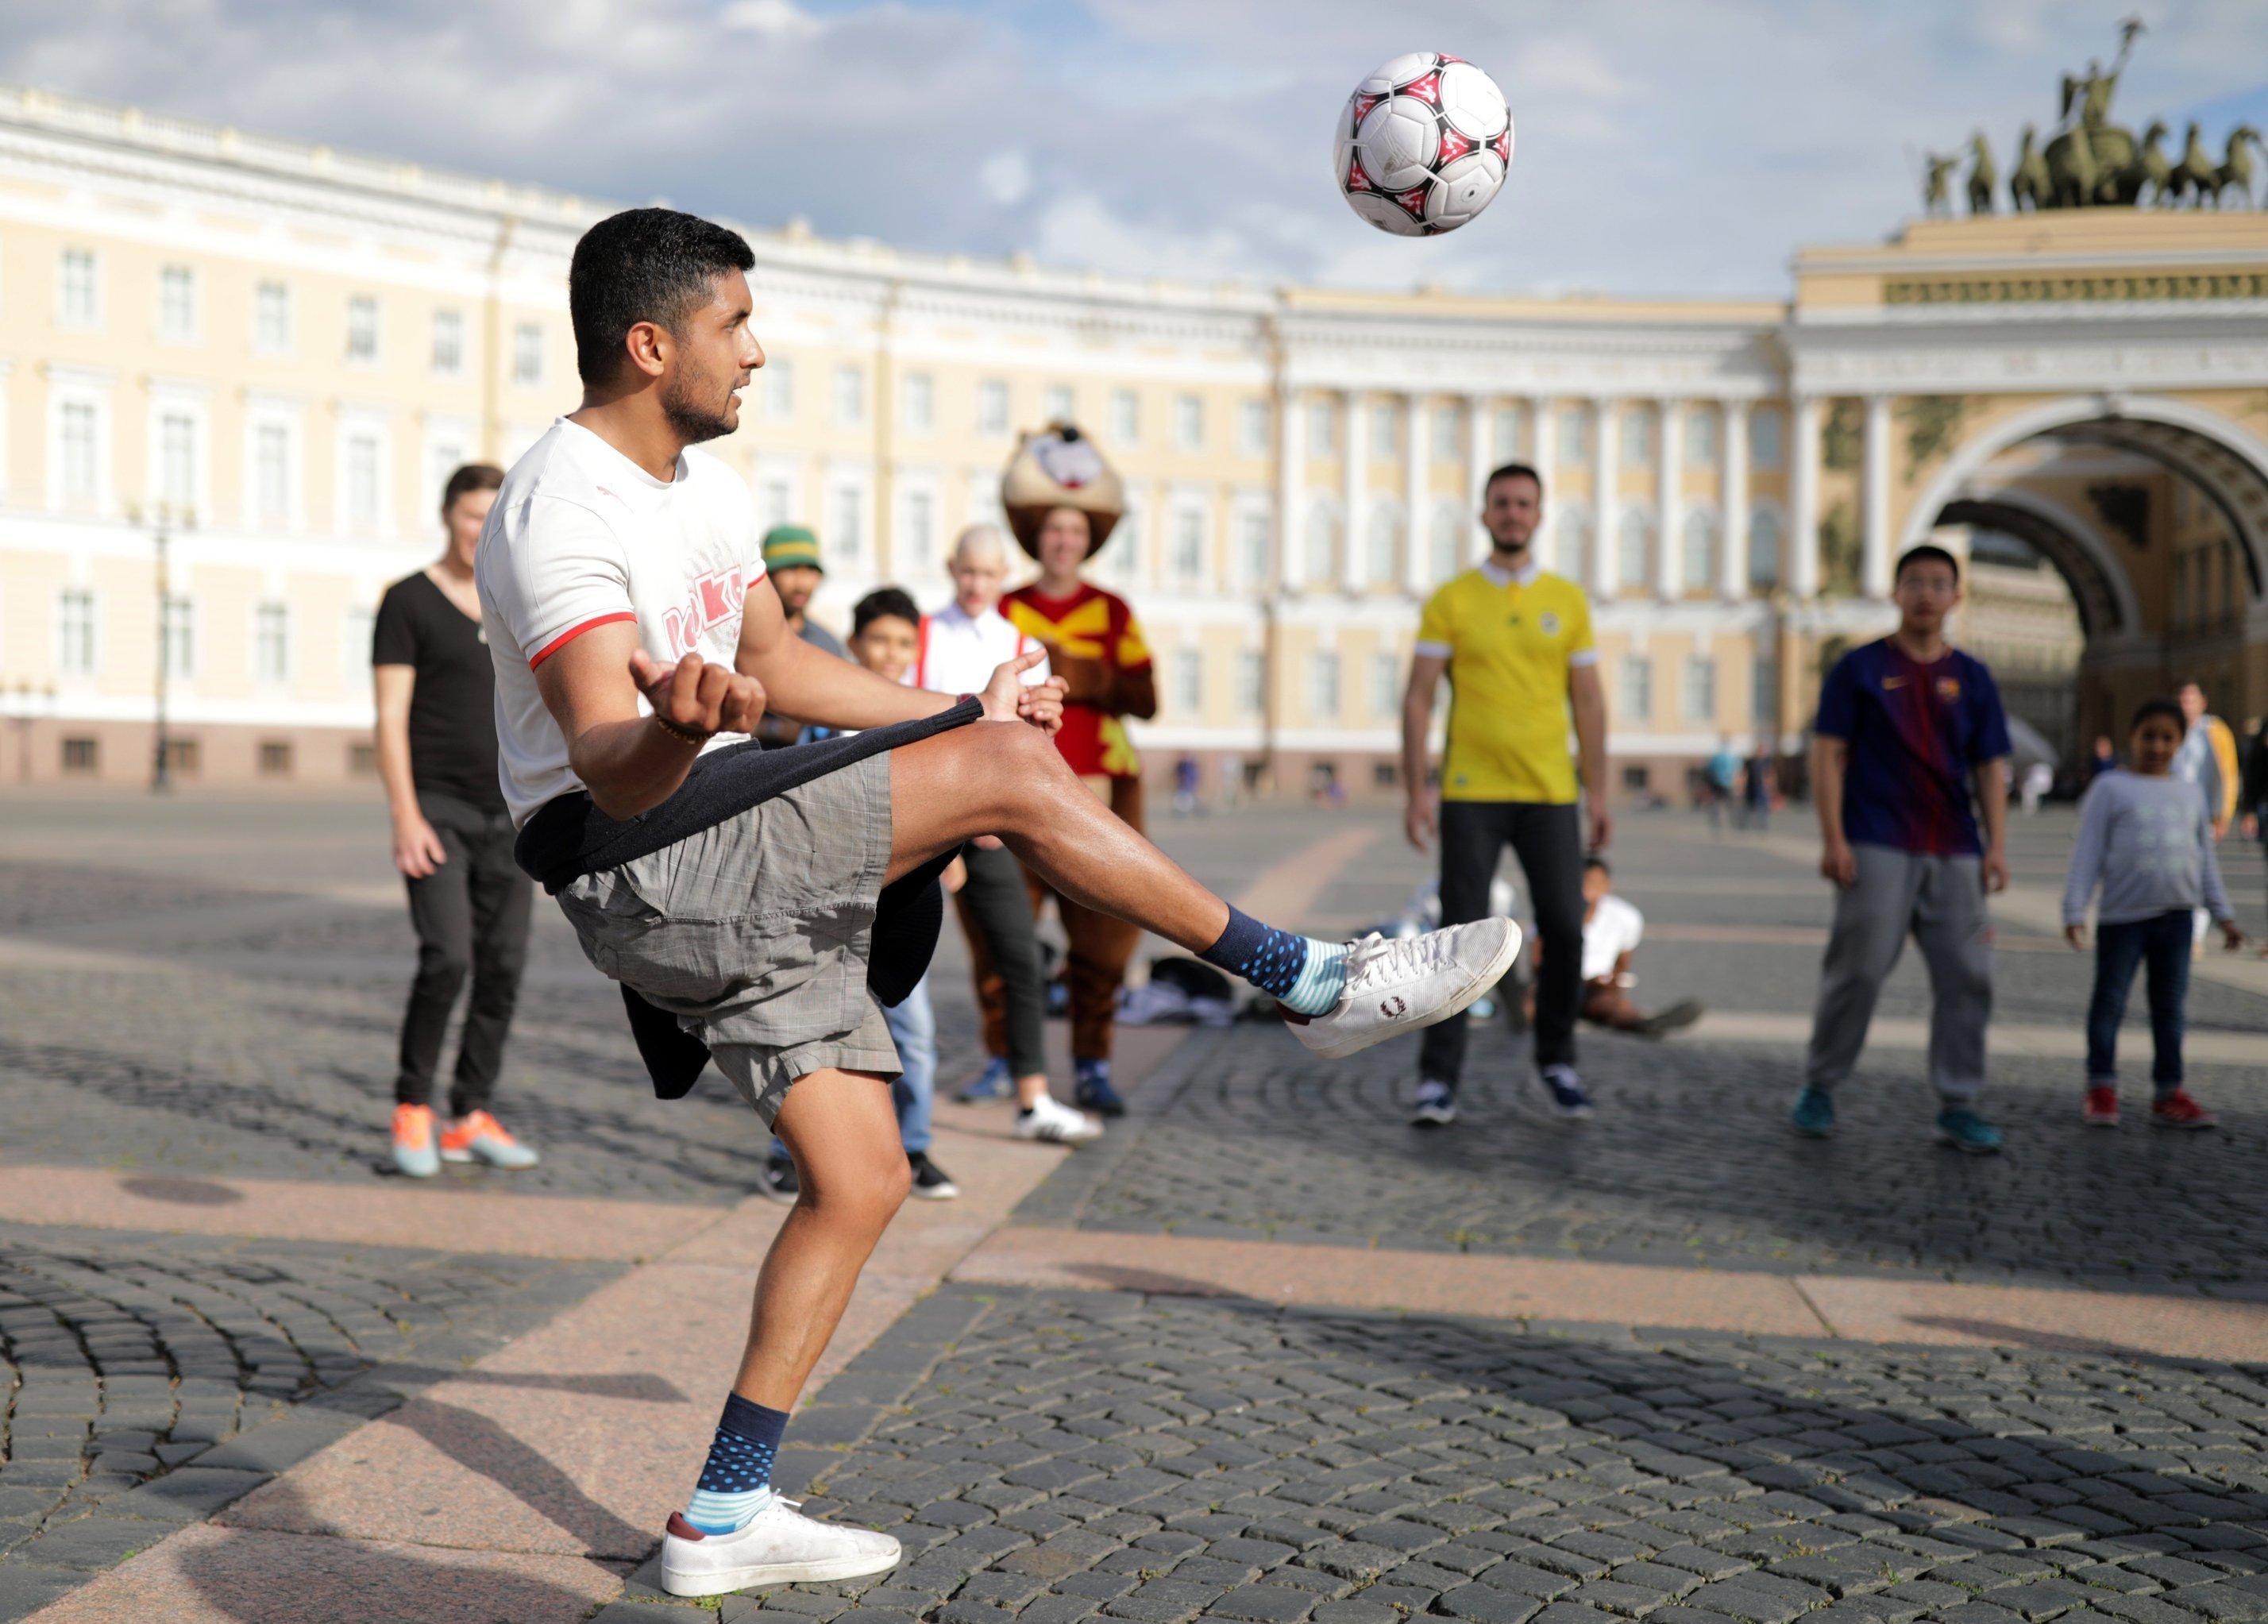 Туристы играют в мяч на Дворцовой площади в Санкт-Петербурге